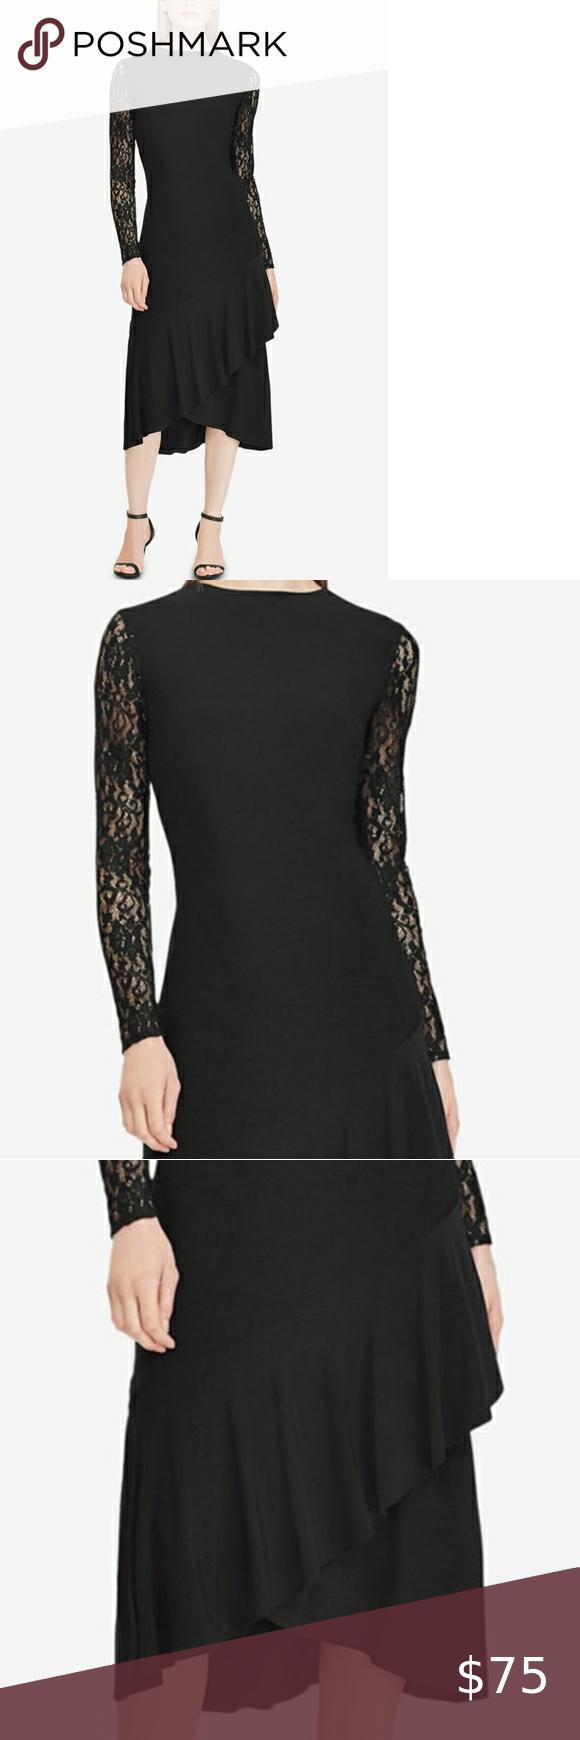 Nwt Lauren Ralph Lauren Size 12 Black Lace Dress Black Lace Dress Fit And Flare Dress Dresses [ 1740 x 580 Pixel ]